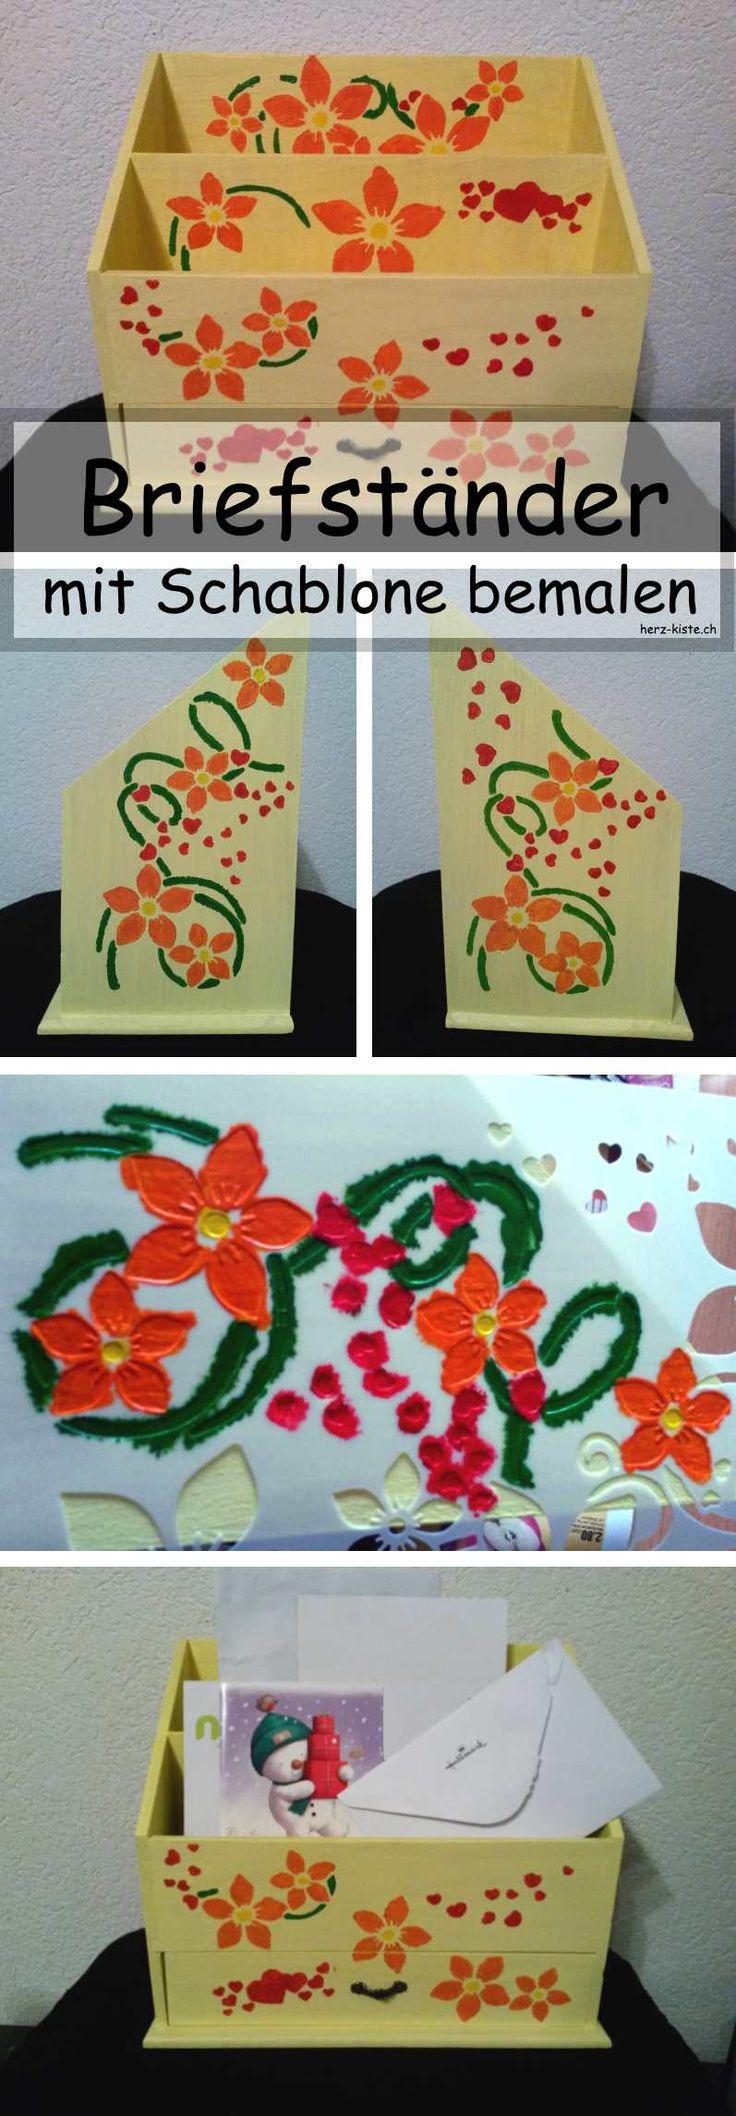 Briefständer selbermachen - mit Schablone bemalen. Ein einfaches aber wirkungsvolles DIY